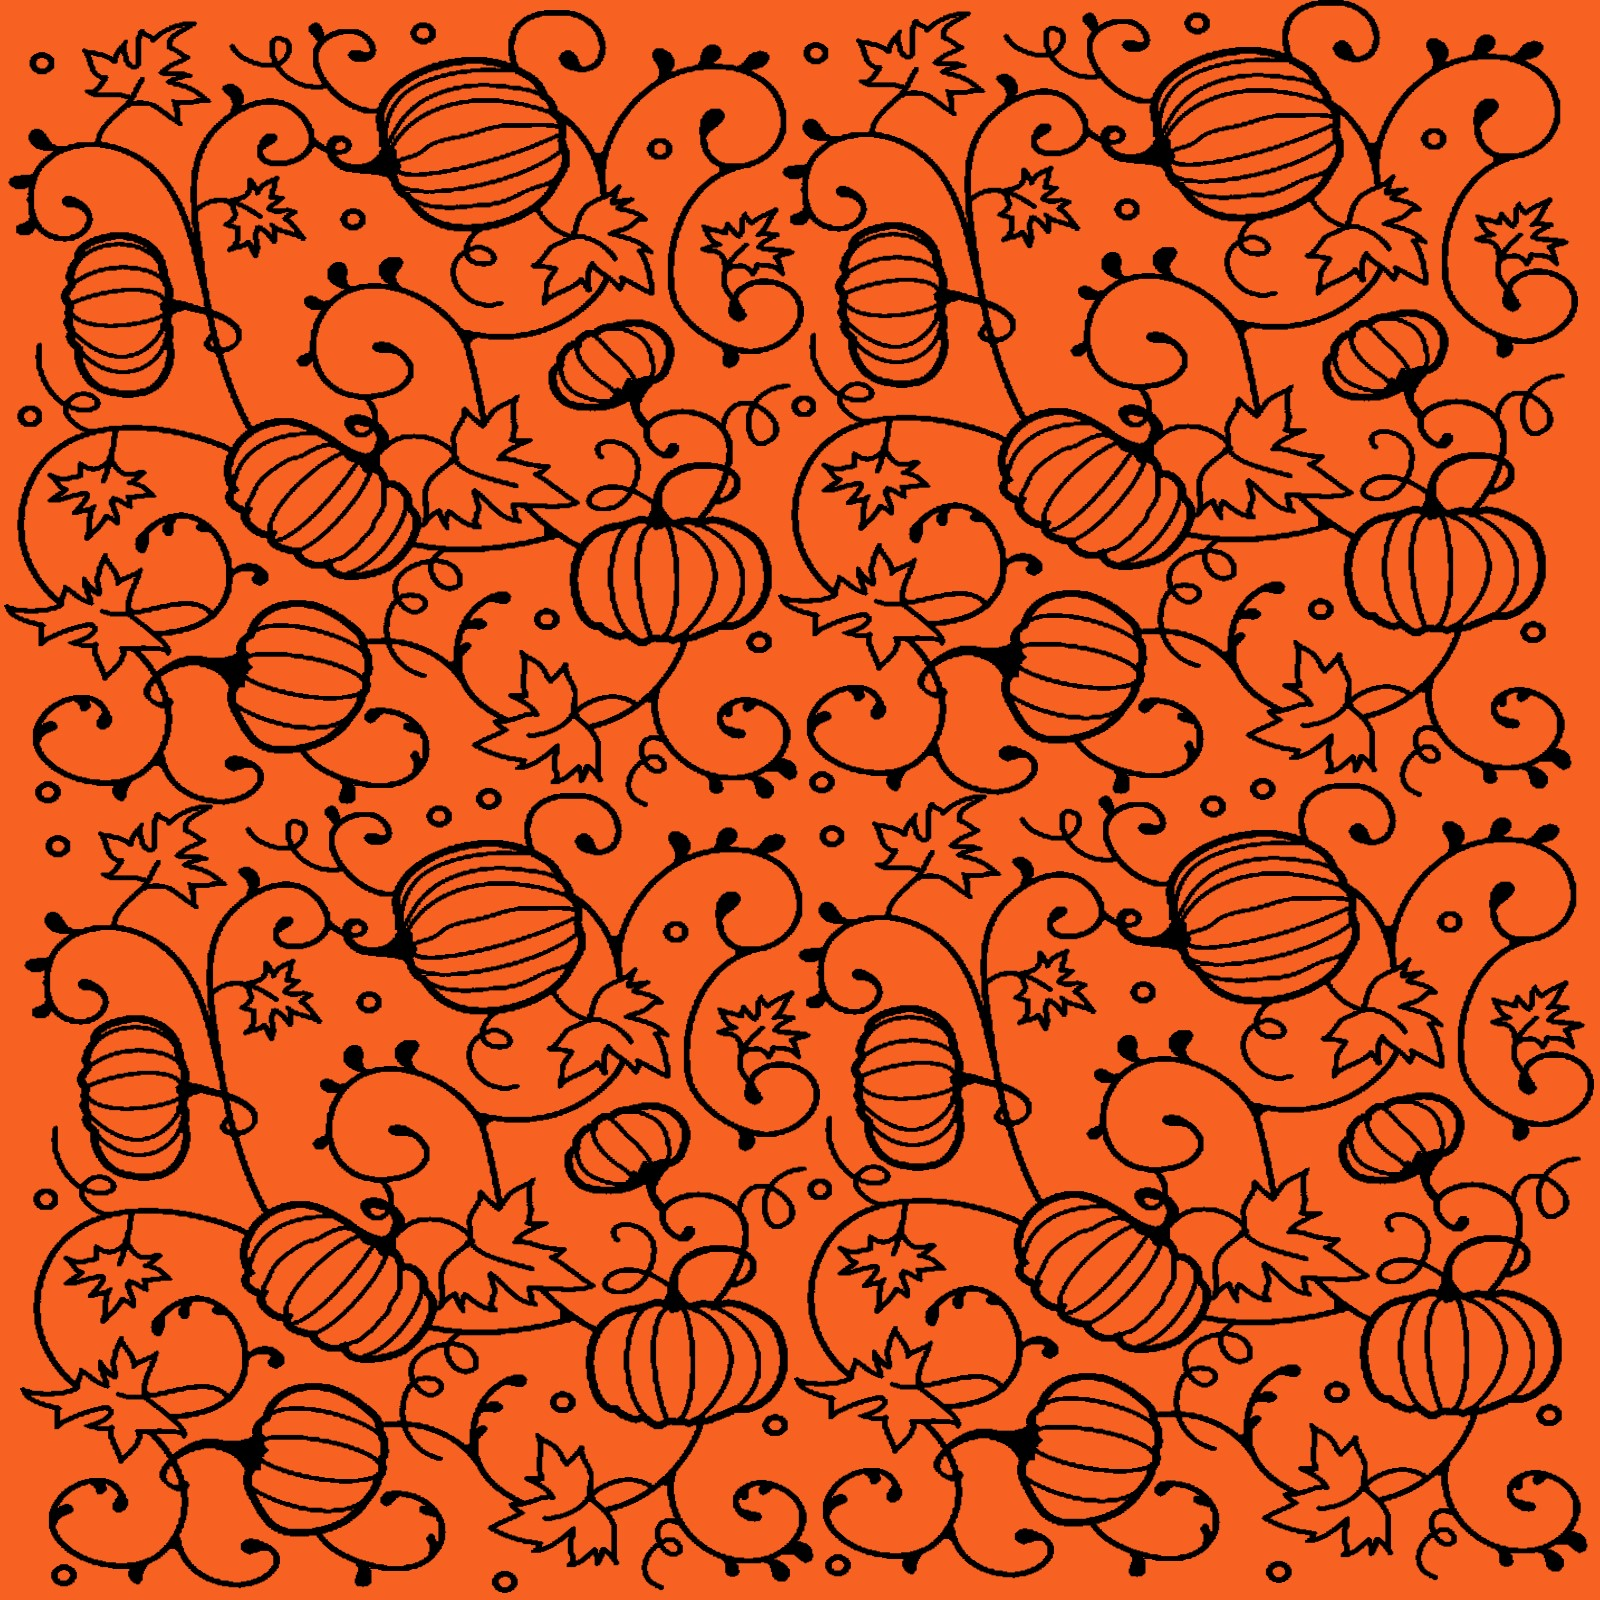 Free Halloween Digital Scrapbook Paper